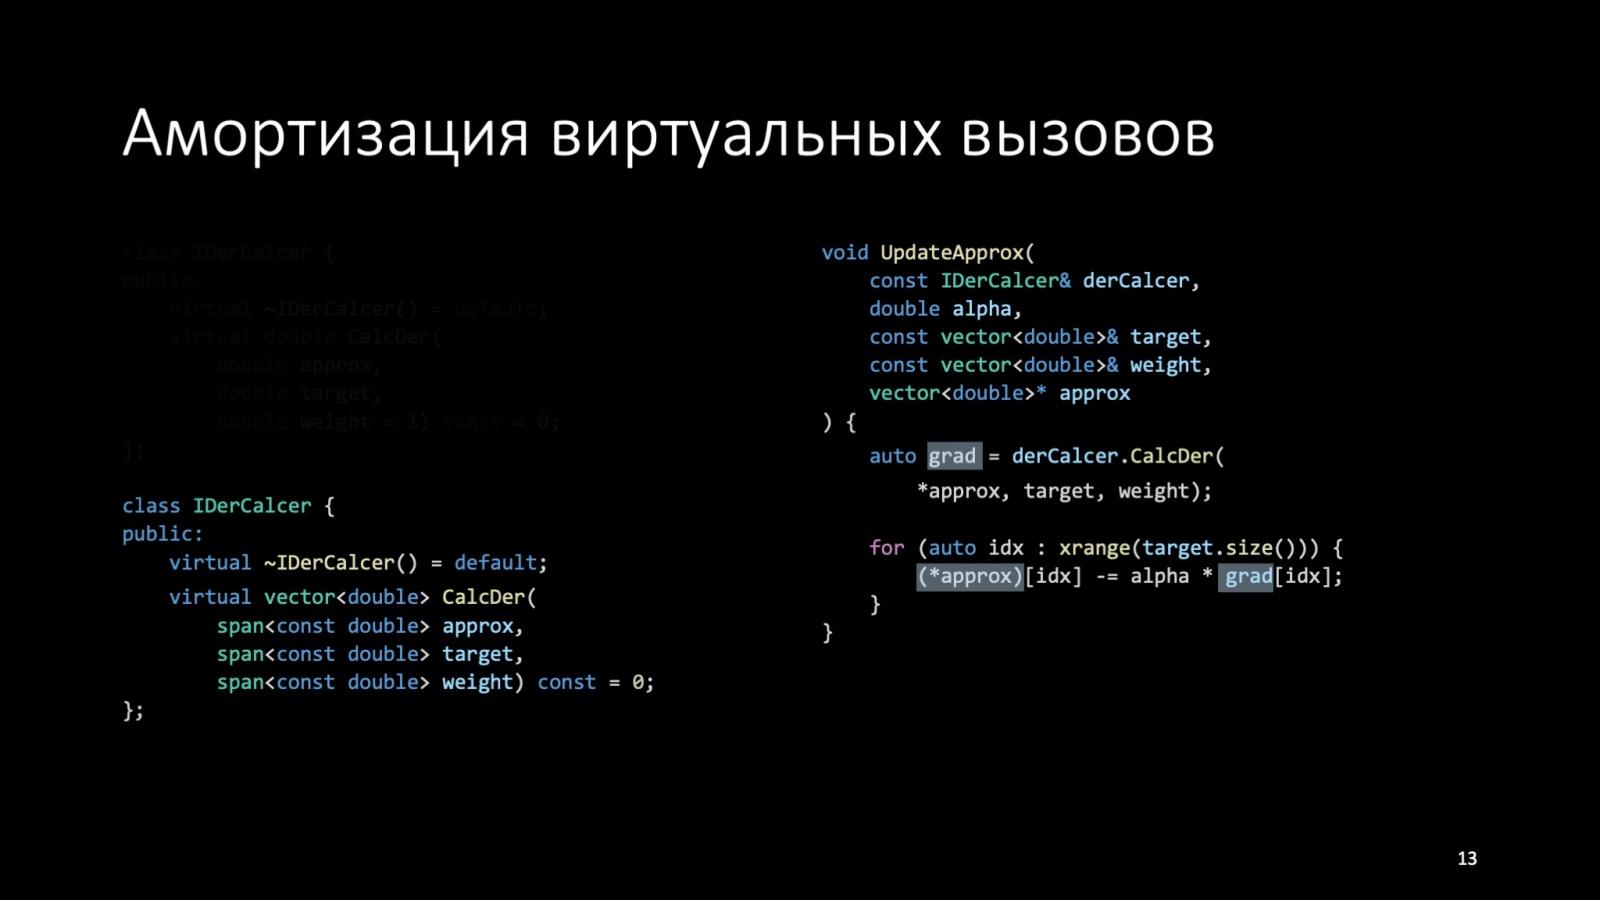 Оптимизация C++: совмещаем скорость и высокий уровень. Доклад Яндекса - 13